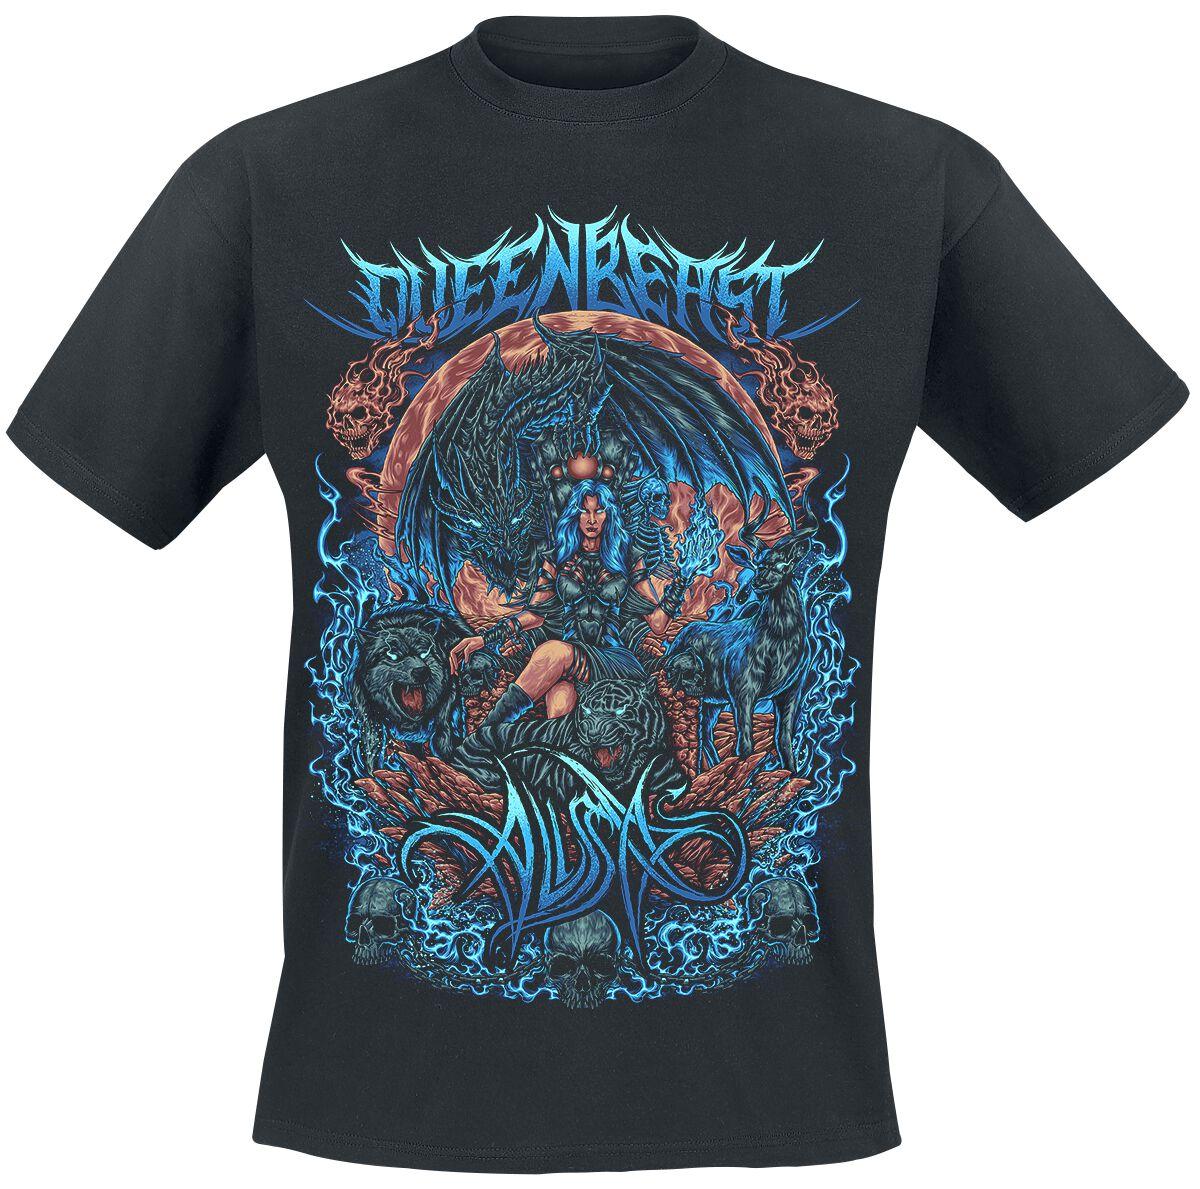 Image of Alissa Queen Beast T-Shirt schwarz